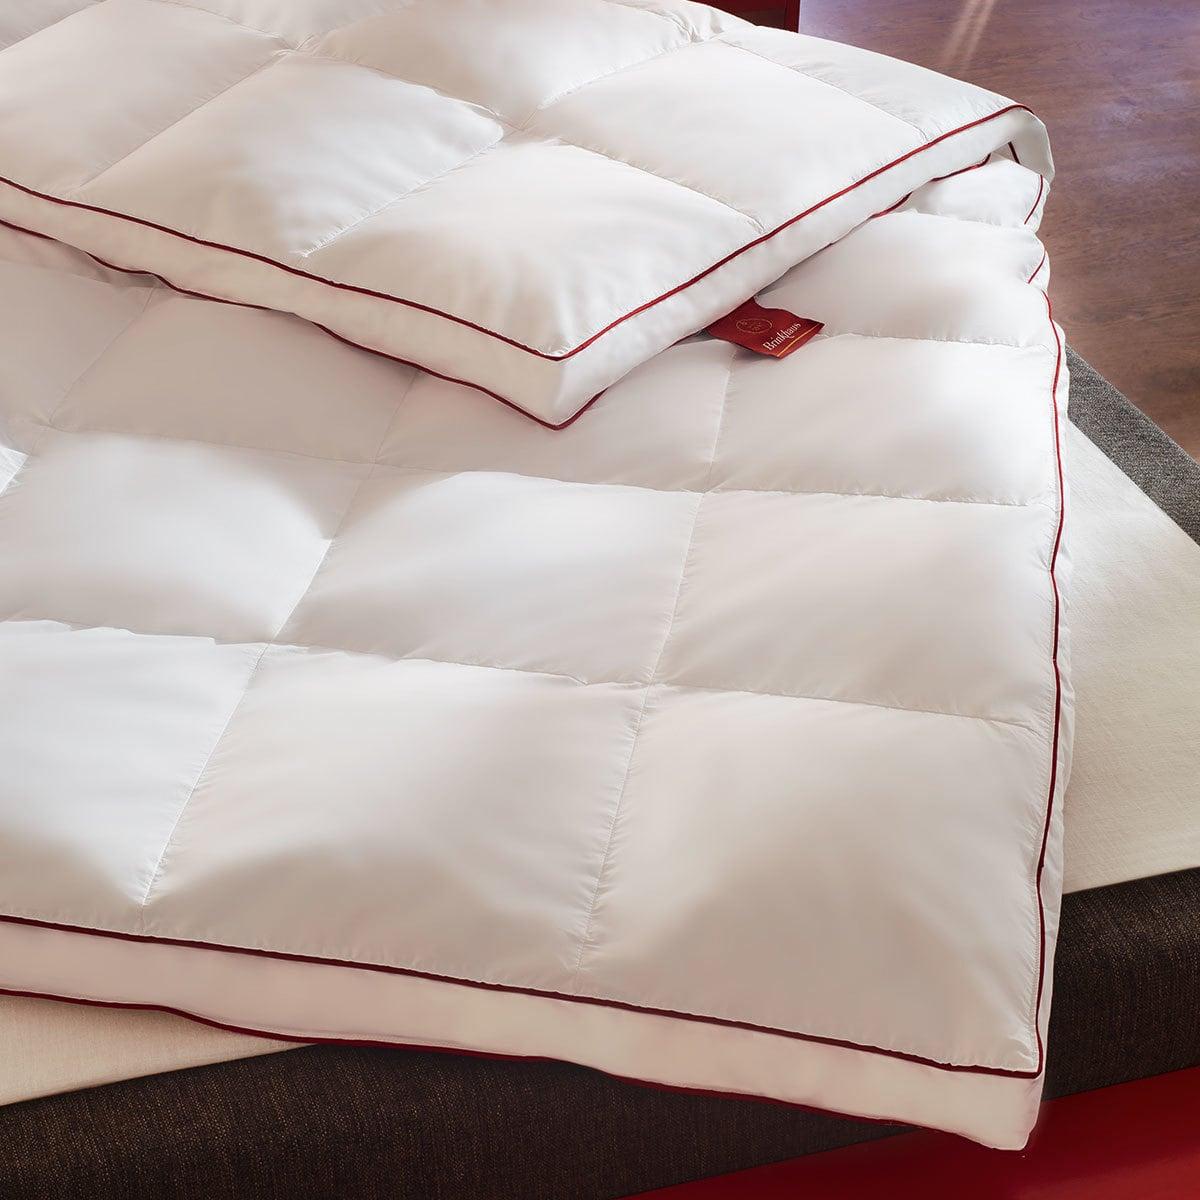 brinkhaus daunendecke granat extra warm g nstig online kaufen bei bettwaren shop. Black Bedroom Furniture Sets. Home Design Ideas